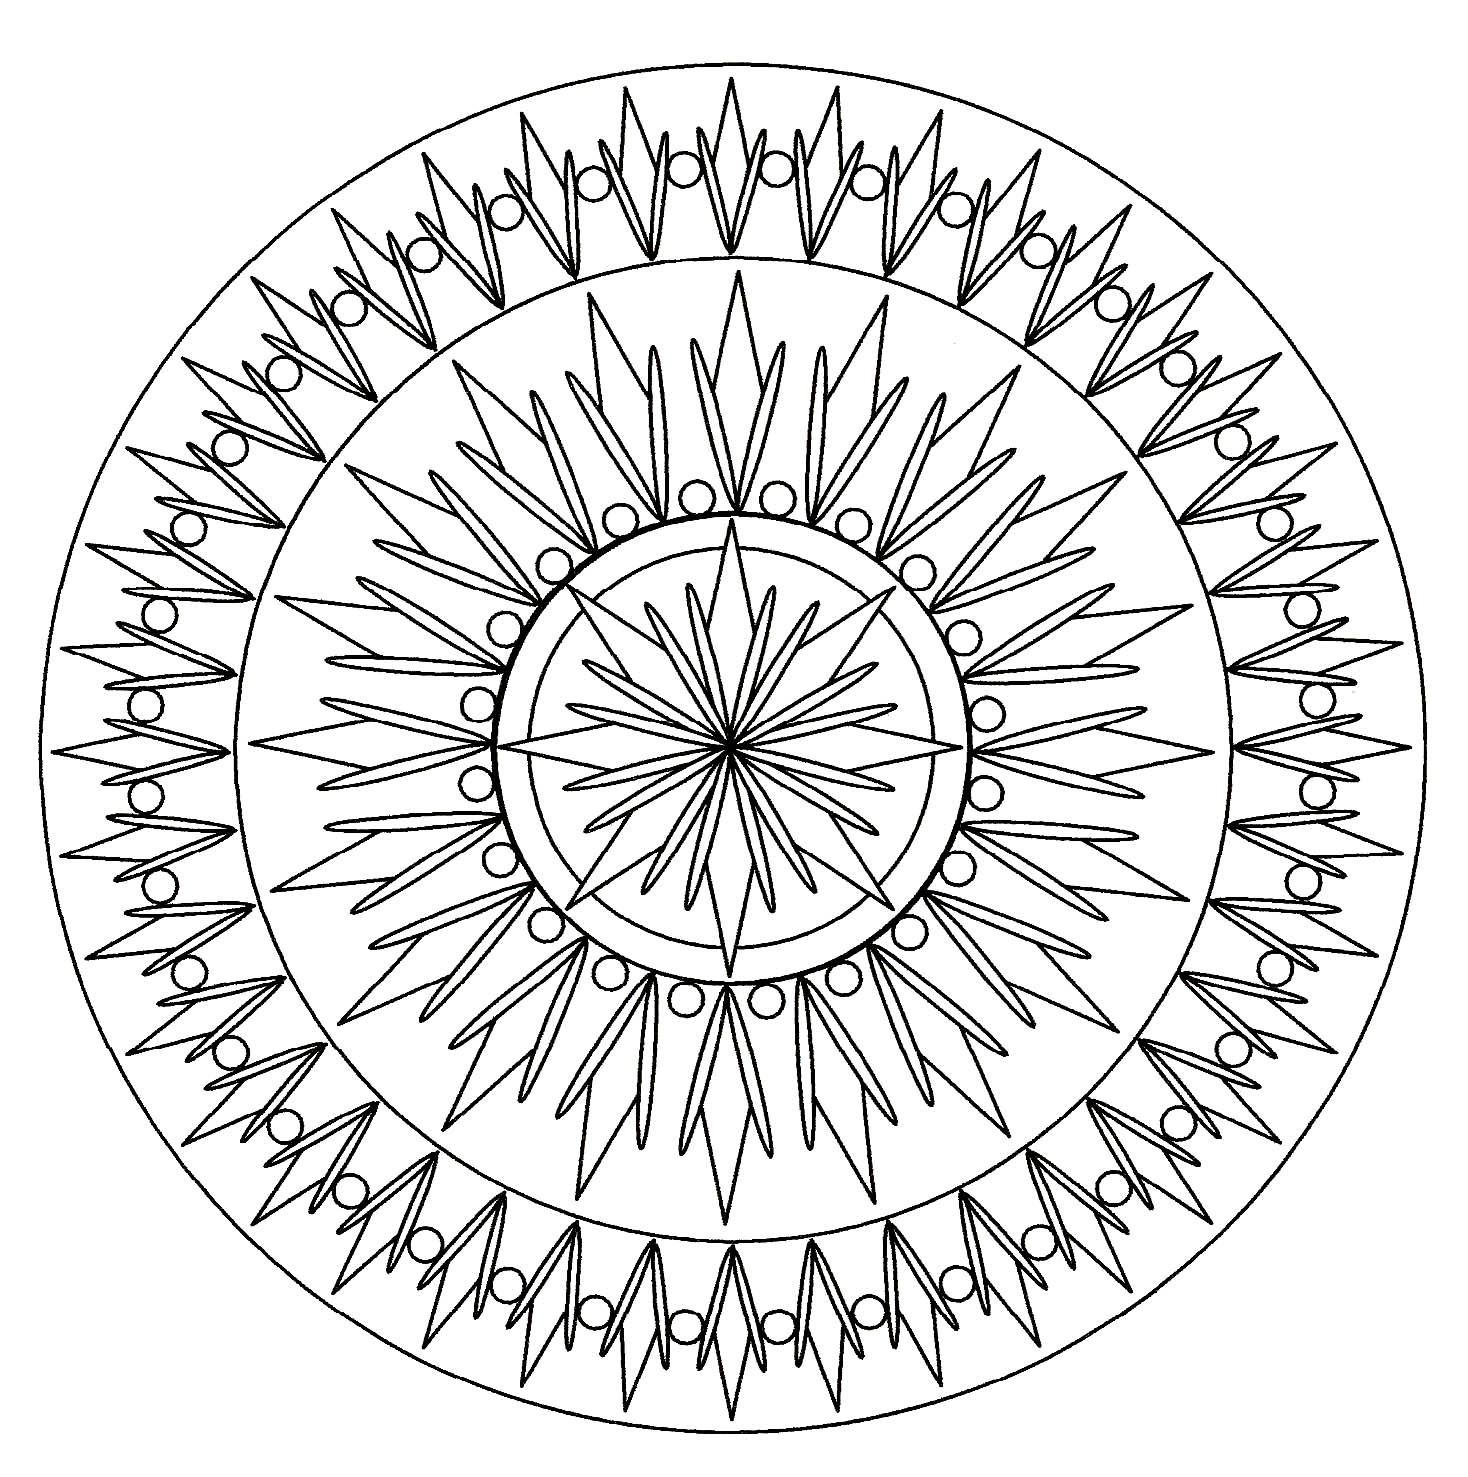 Coloriage Adulte Soleil.Mandala Soleil Mandalas De Difficulte Normale 100 Mandalas Zen